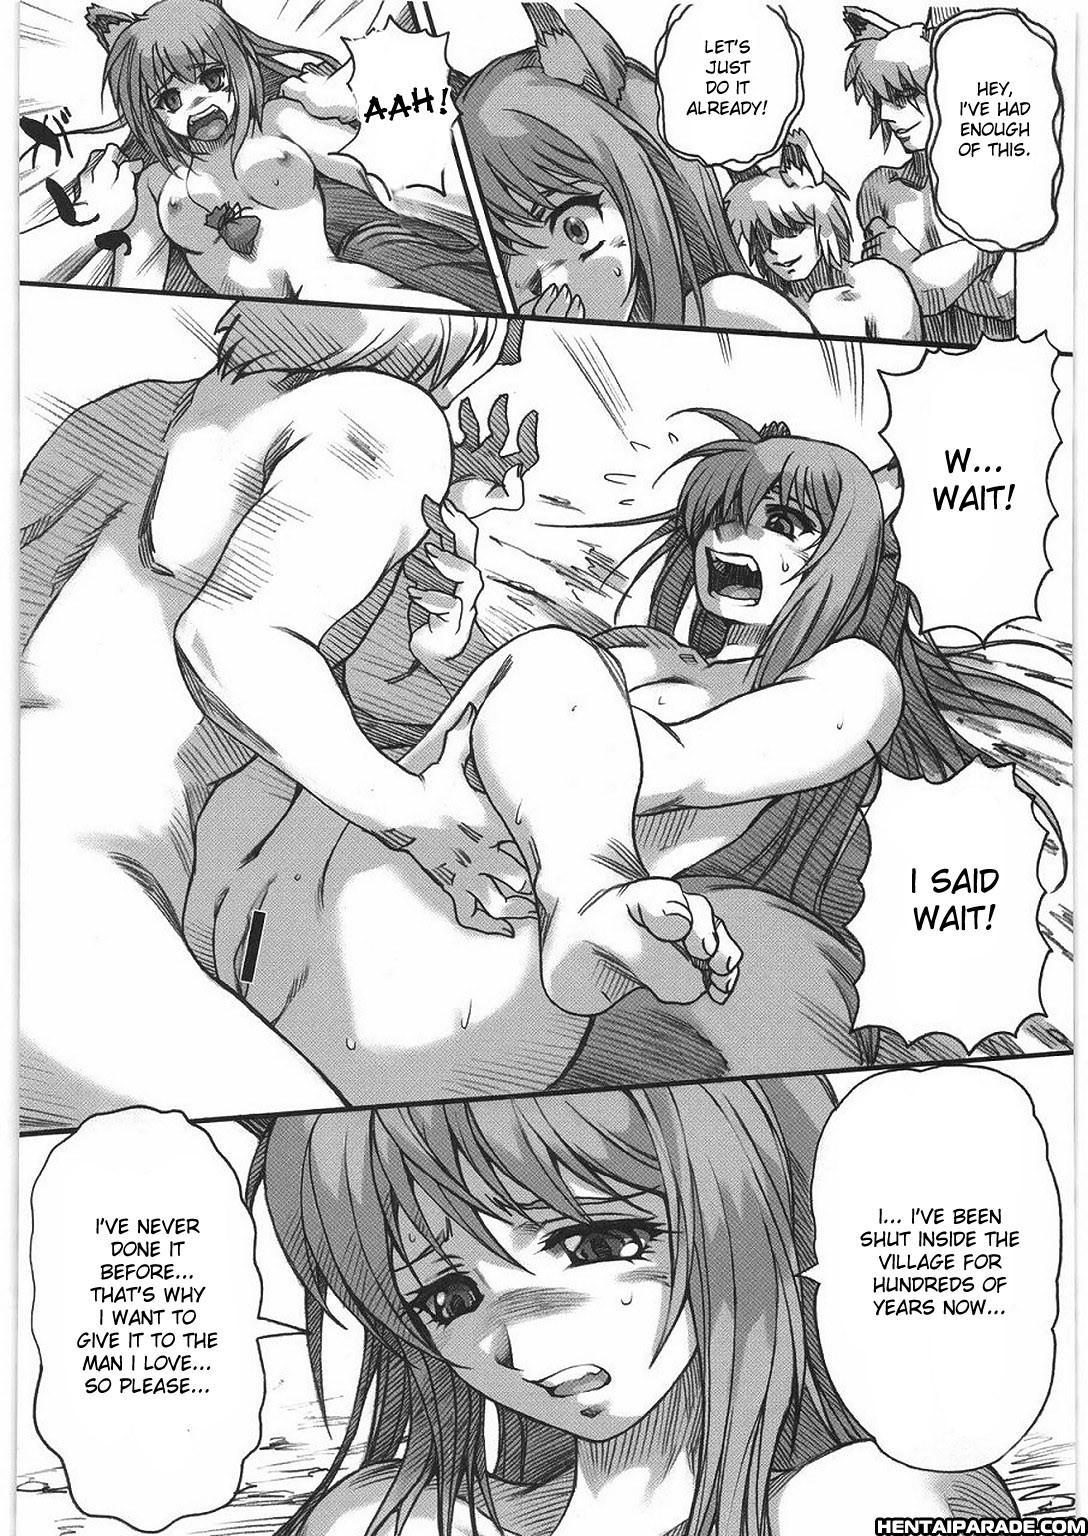 Pussy flash slut load